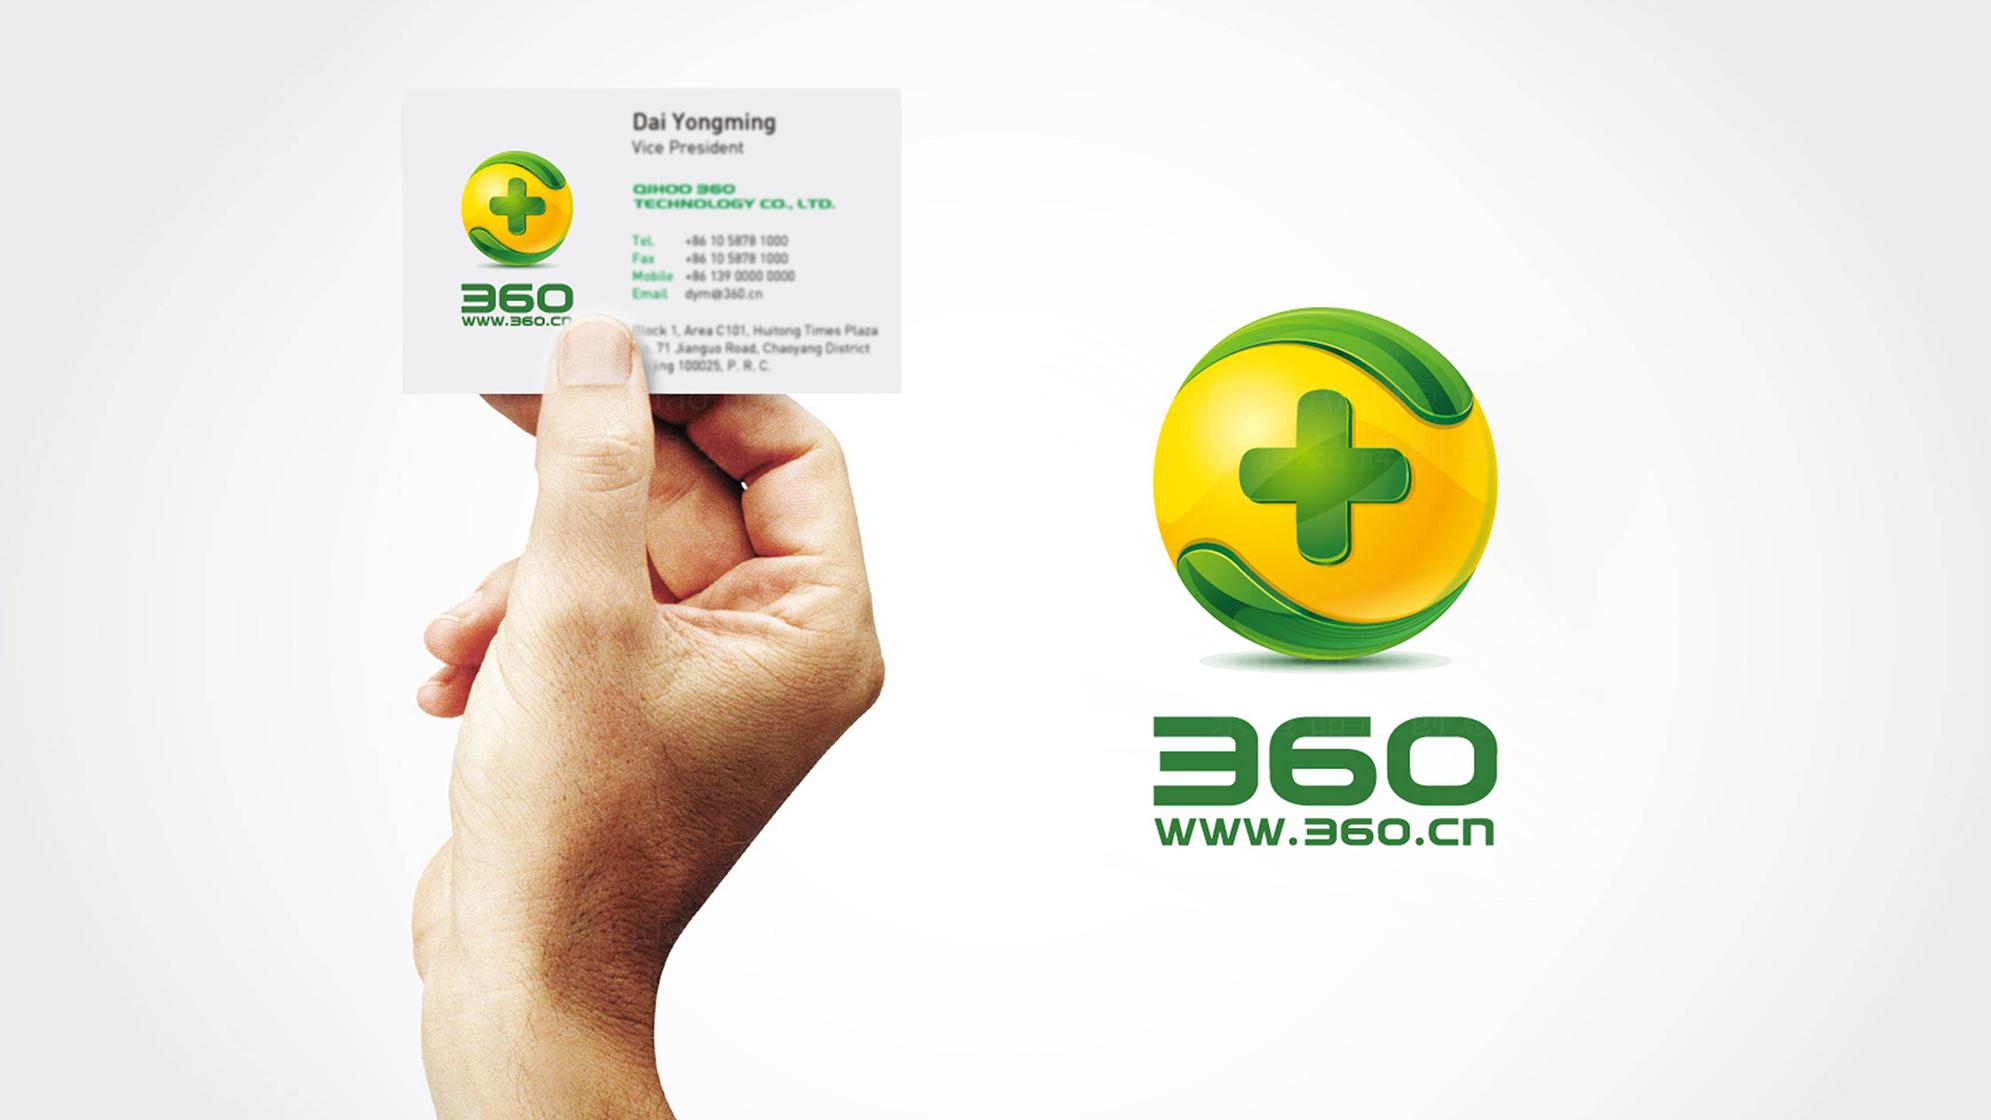 品牌设计360安全中心LOGO&VI设计应用